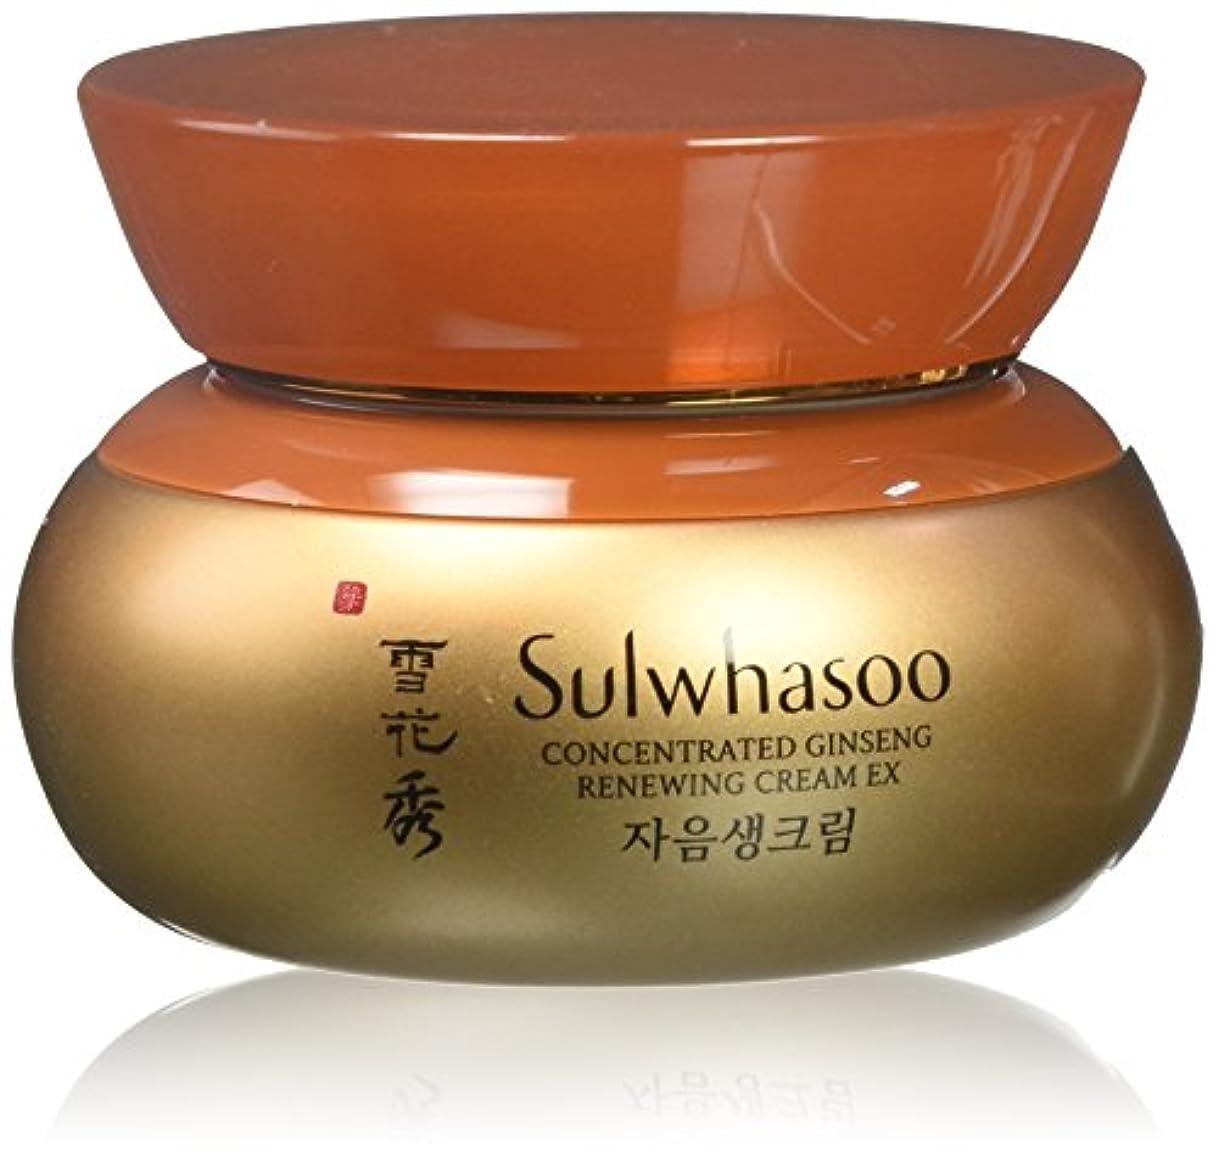 接続されたつぶやきたぶん雪花秀 滋陰生(ジャウムセン)クリーム Concentrated Ginseng Cream 60ml